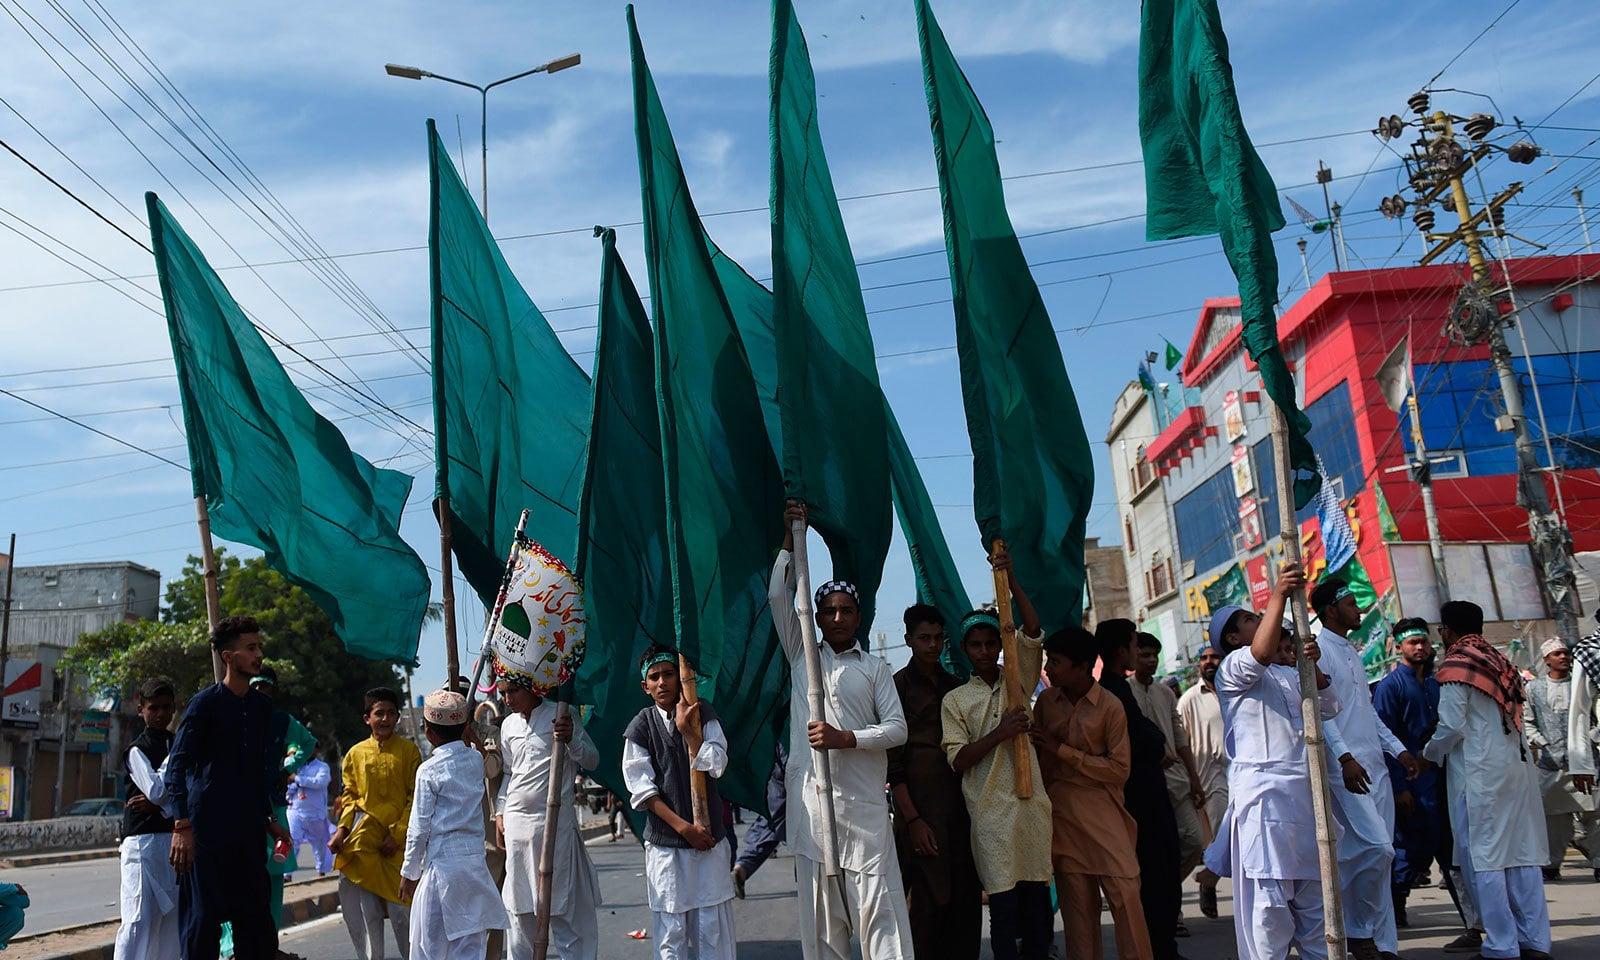 کراچی میں مرکزی جلوس میمن مسجد سے شروع ہوا—فوٹو:اے ایف پی